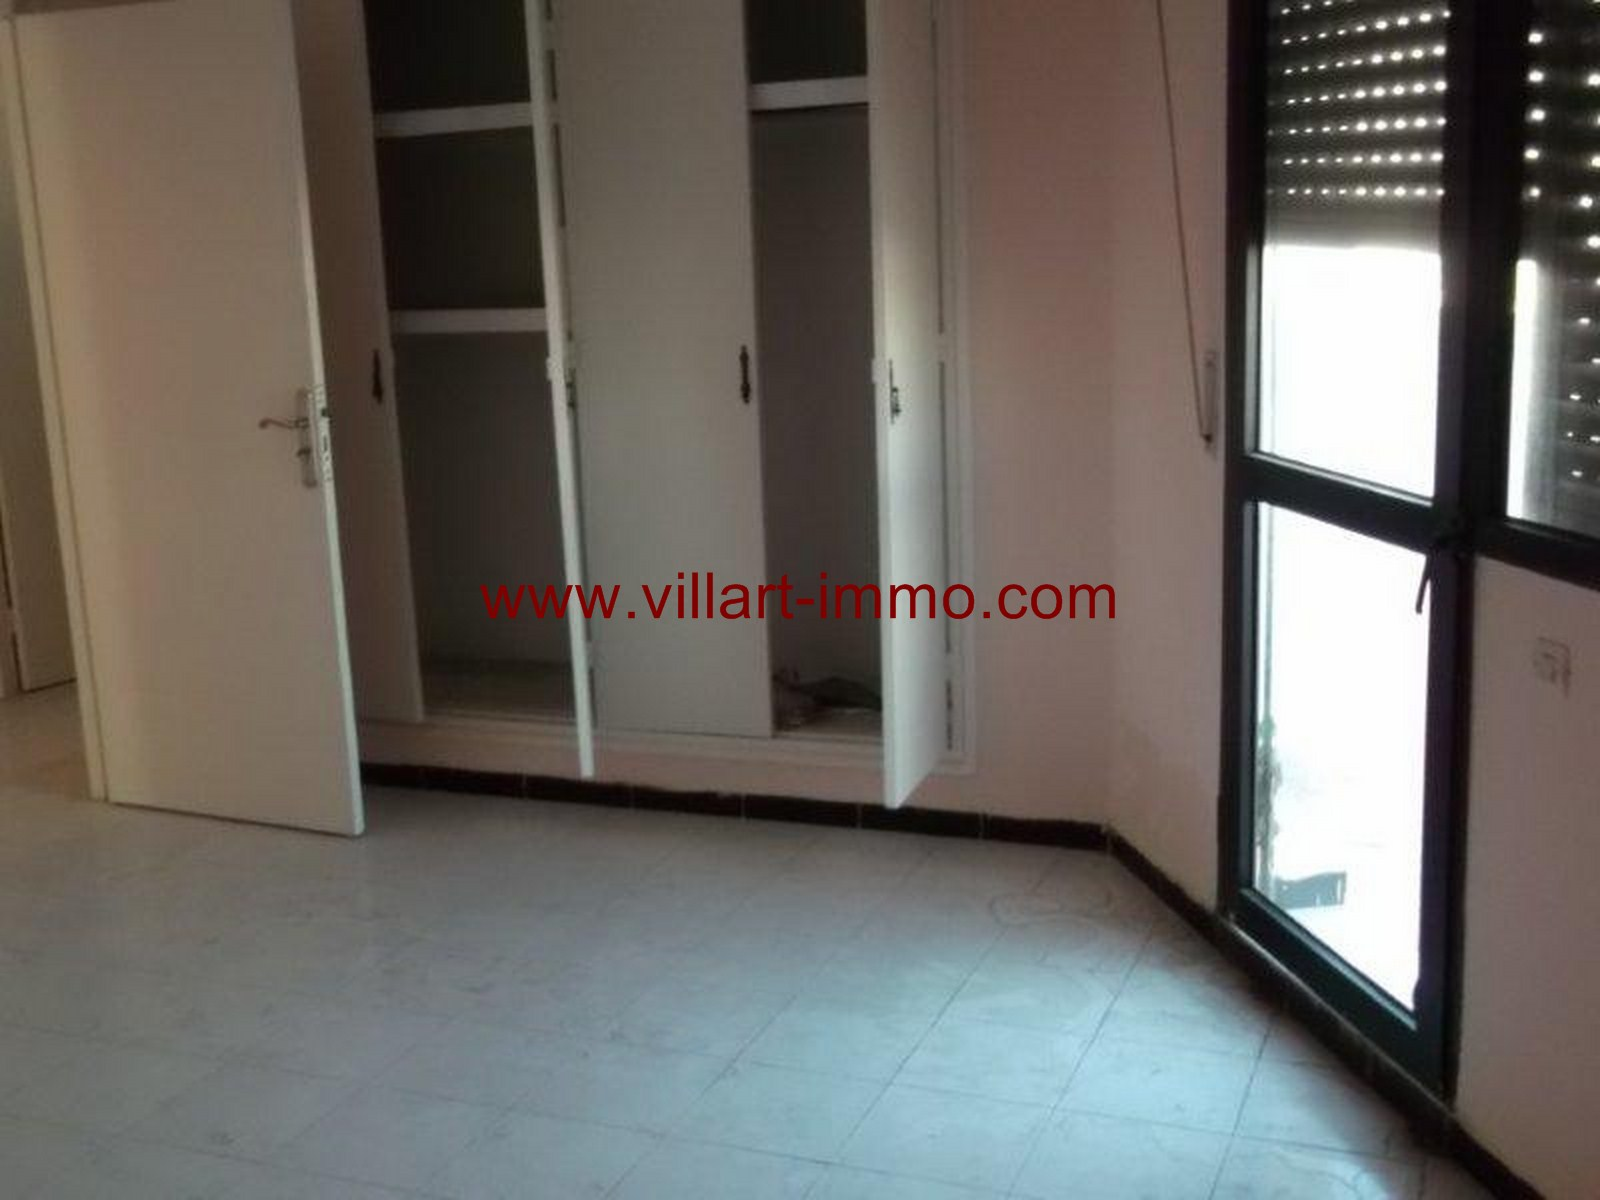 4- Vente -appartement-Tanger-Maroc–Centre-De-Ville-Chambres 1 -VA91-Villartimmo